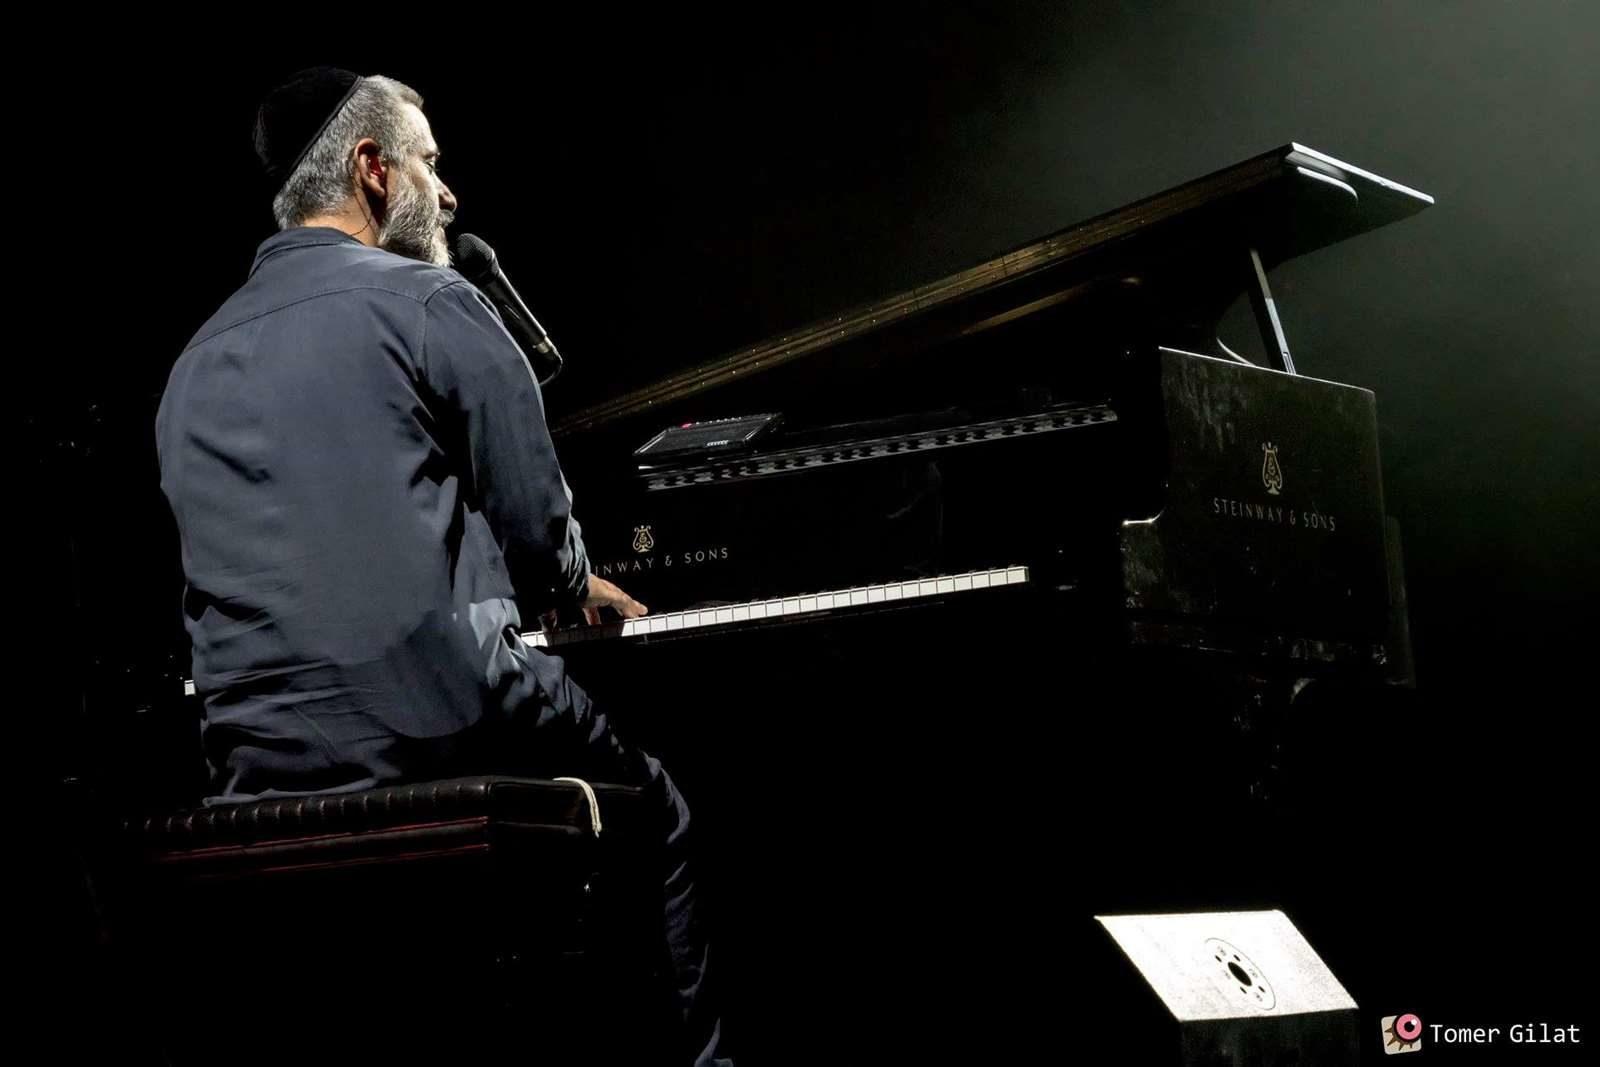 אביתר בנאי, פסטיבל הפסנתר 2018